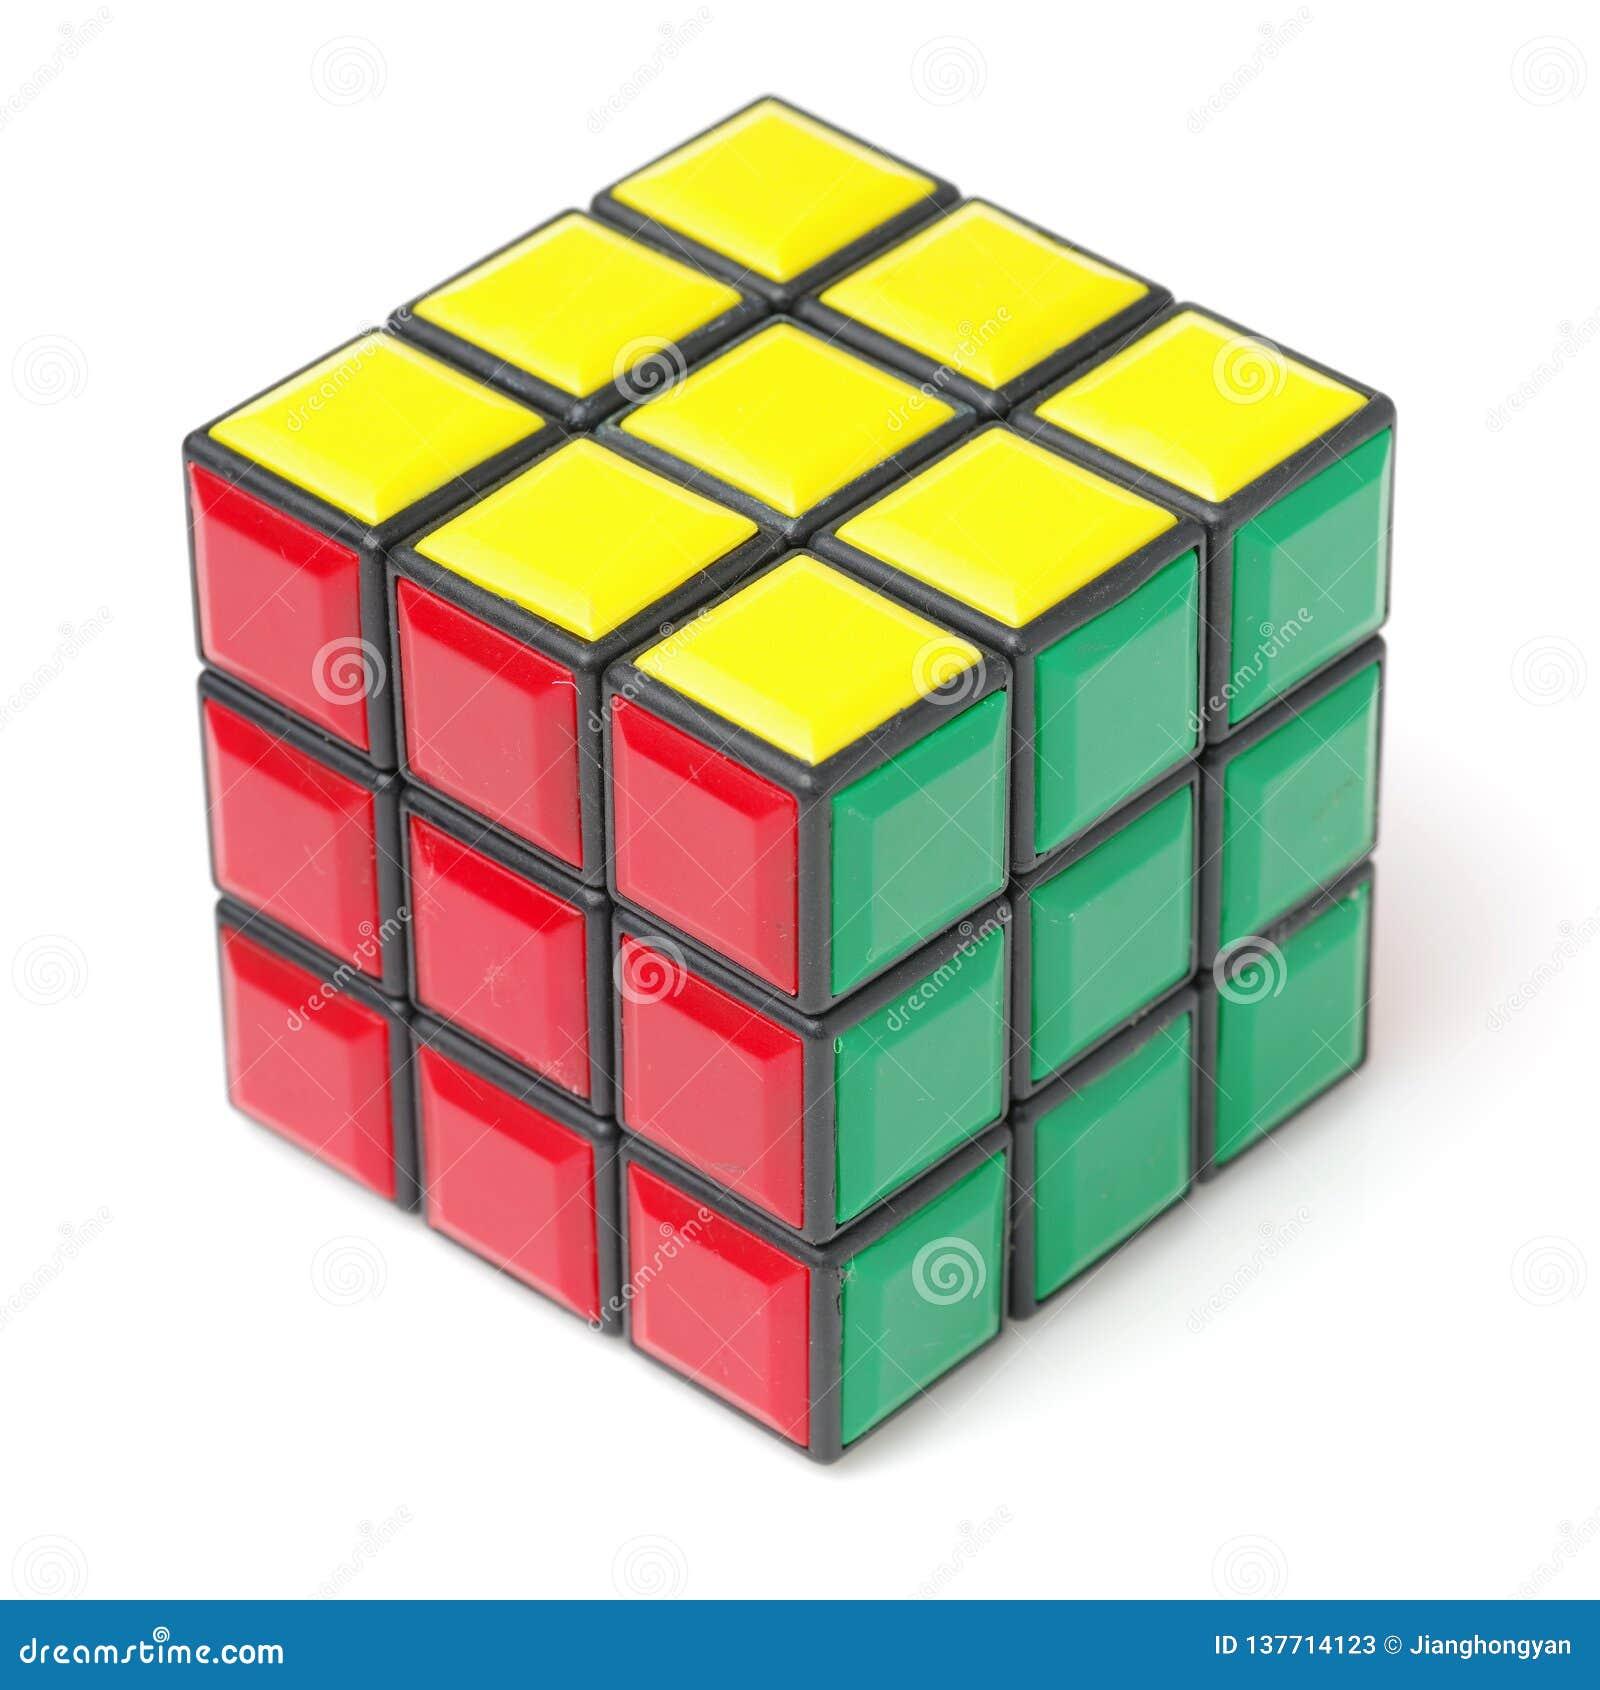 曼谷,泰国- 2017年11月11日:Rubik的立方体44为脑子是困难为戏剧,但是好